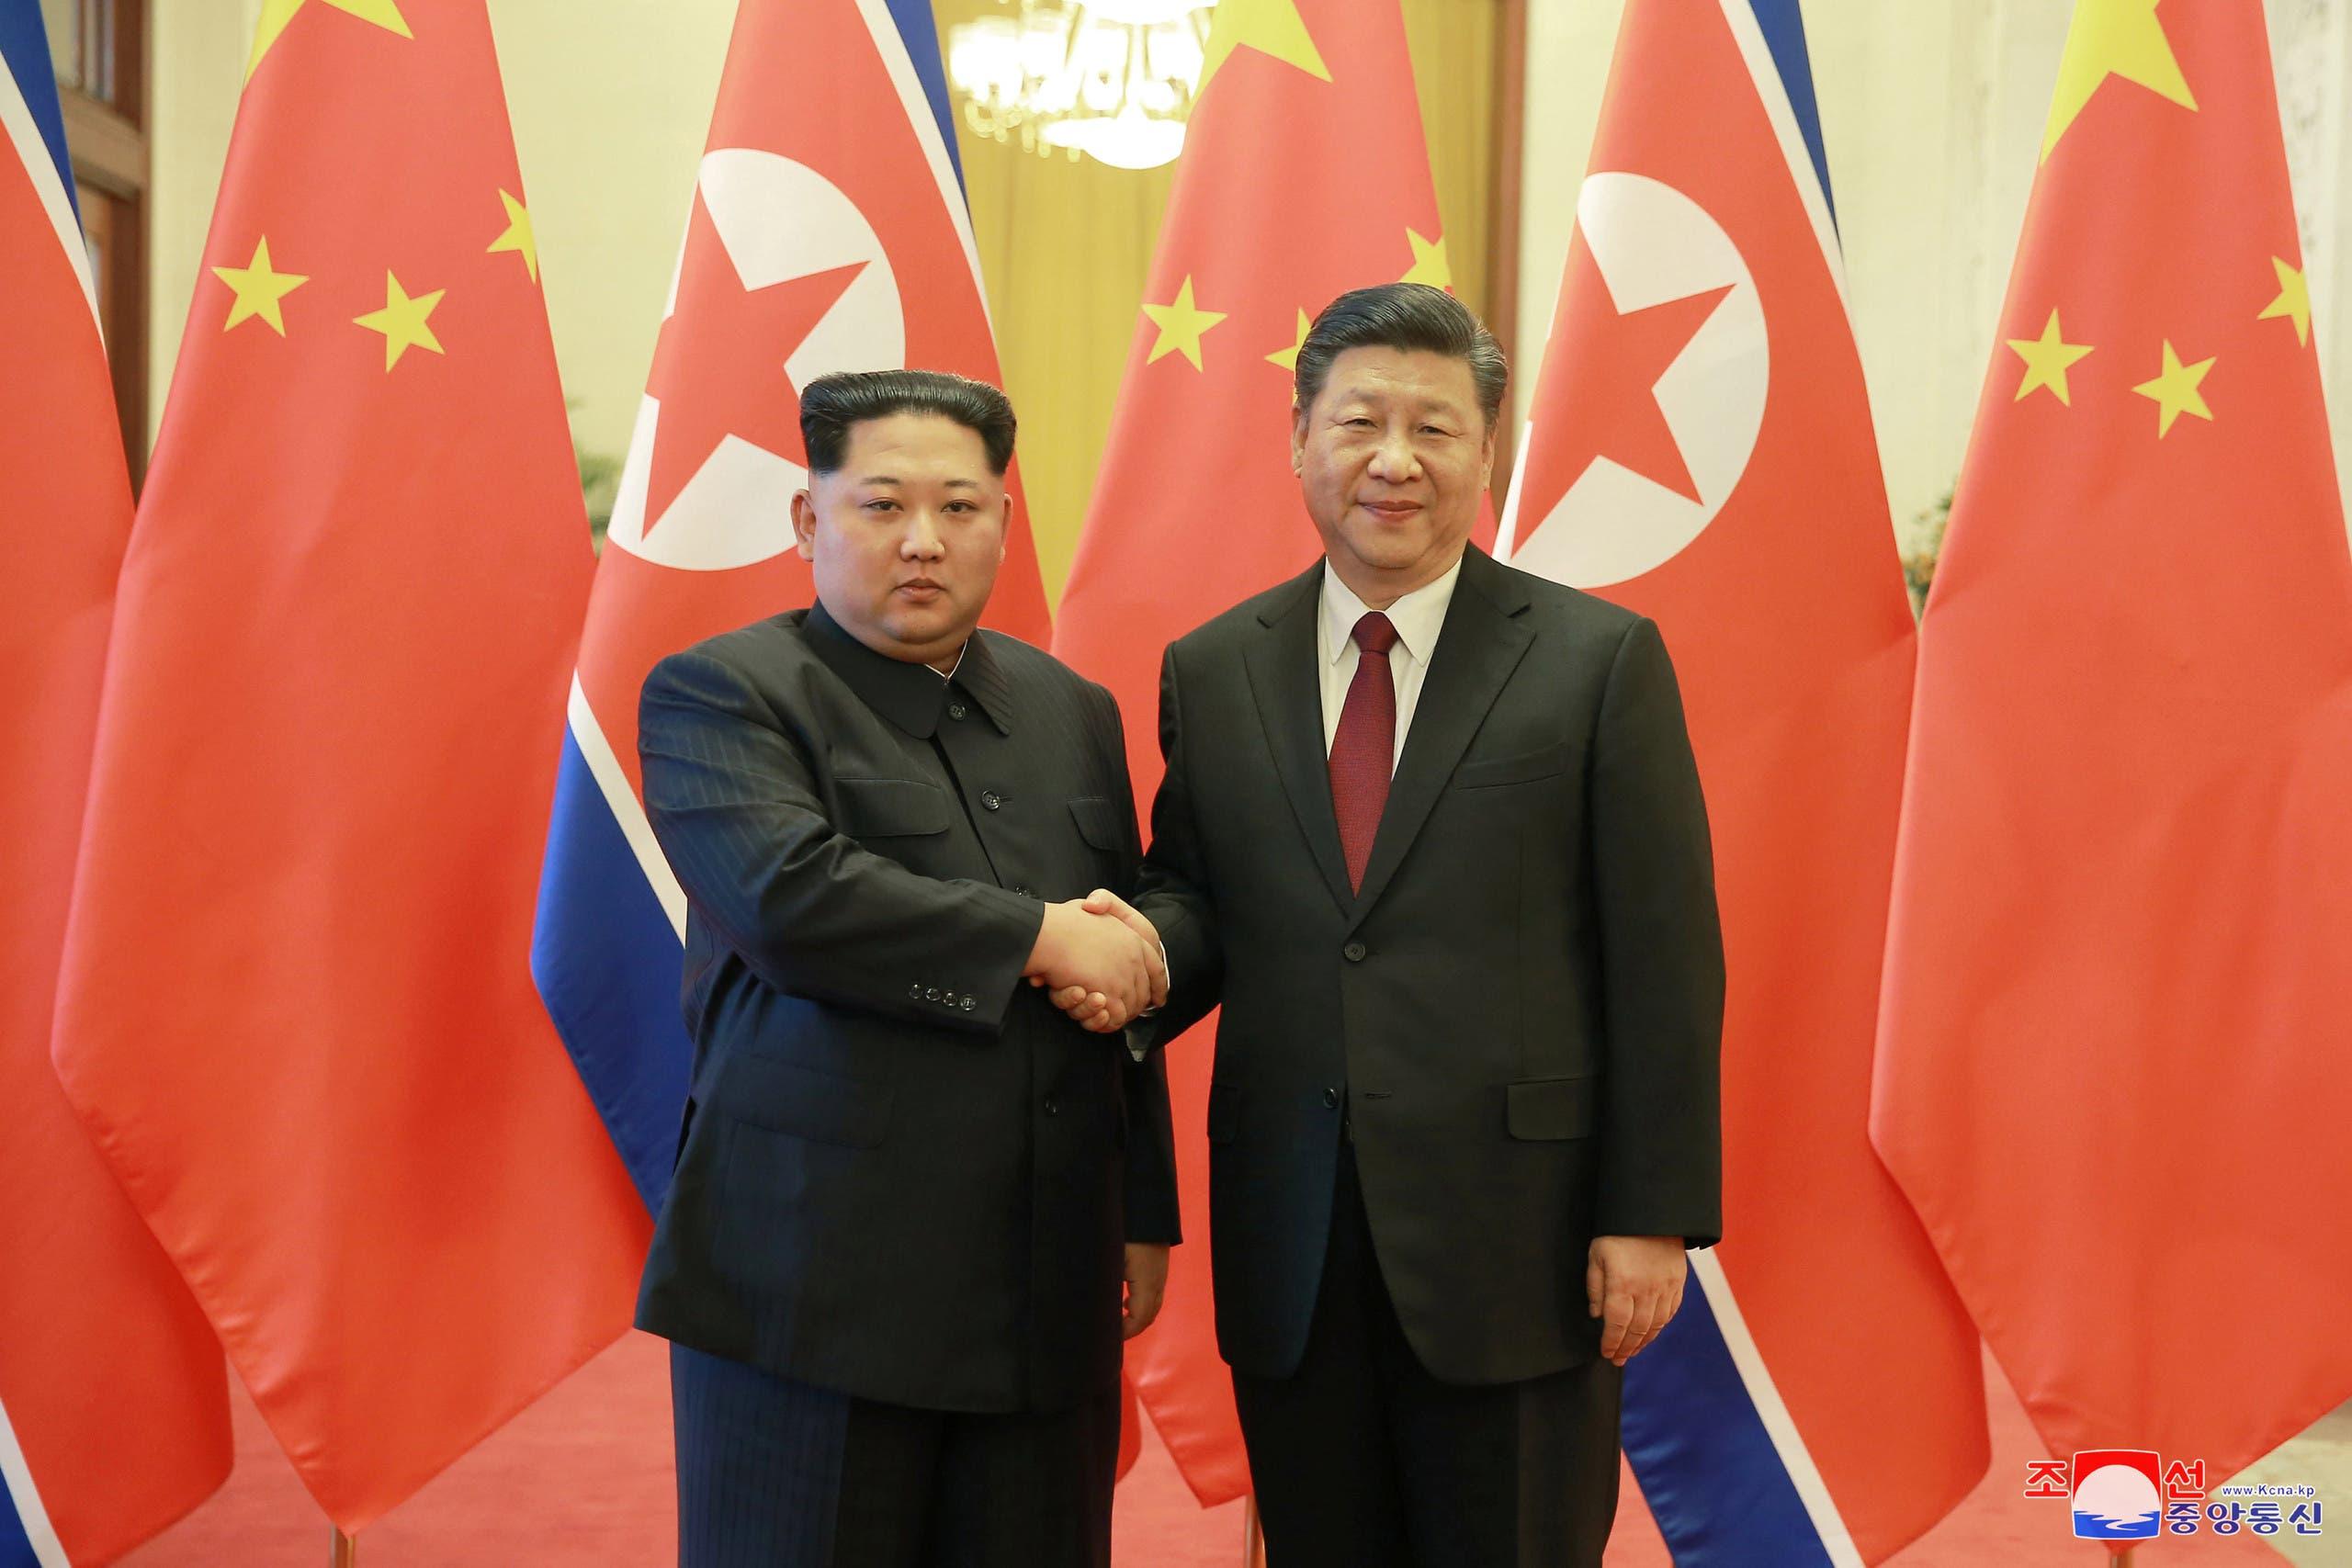 زعيم كوريا الشمالية مع الرئيس الصيني في بكين